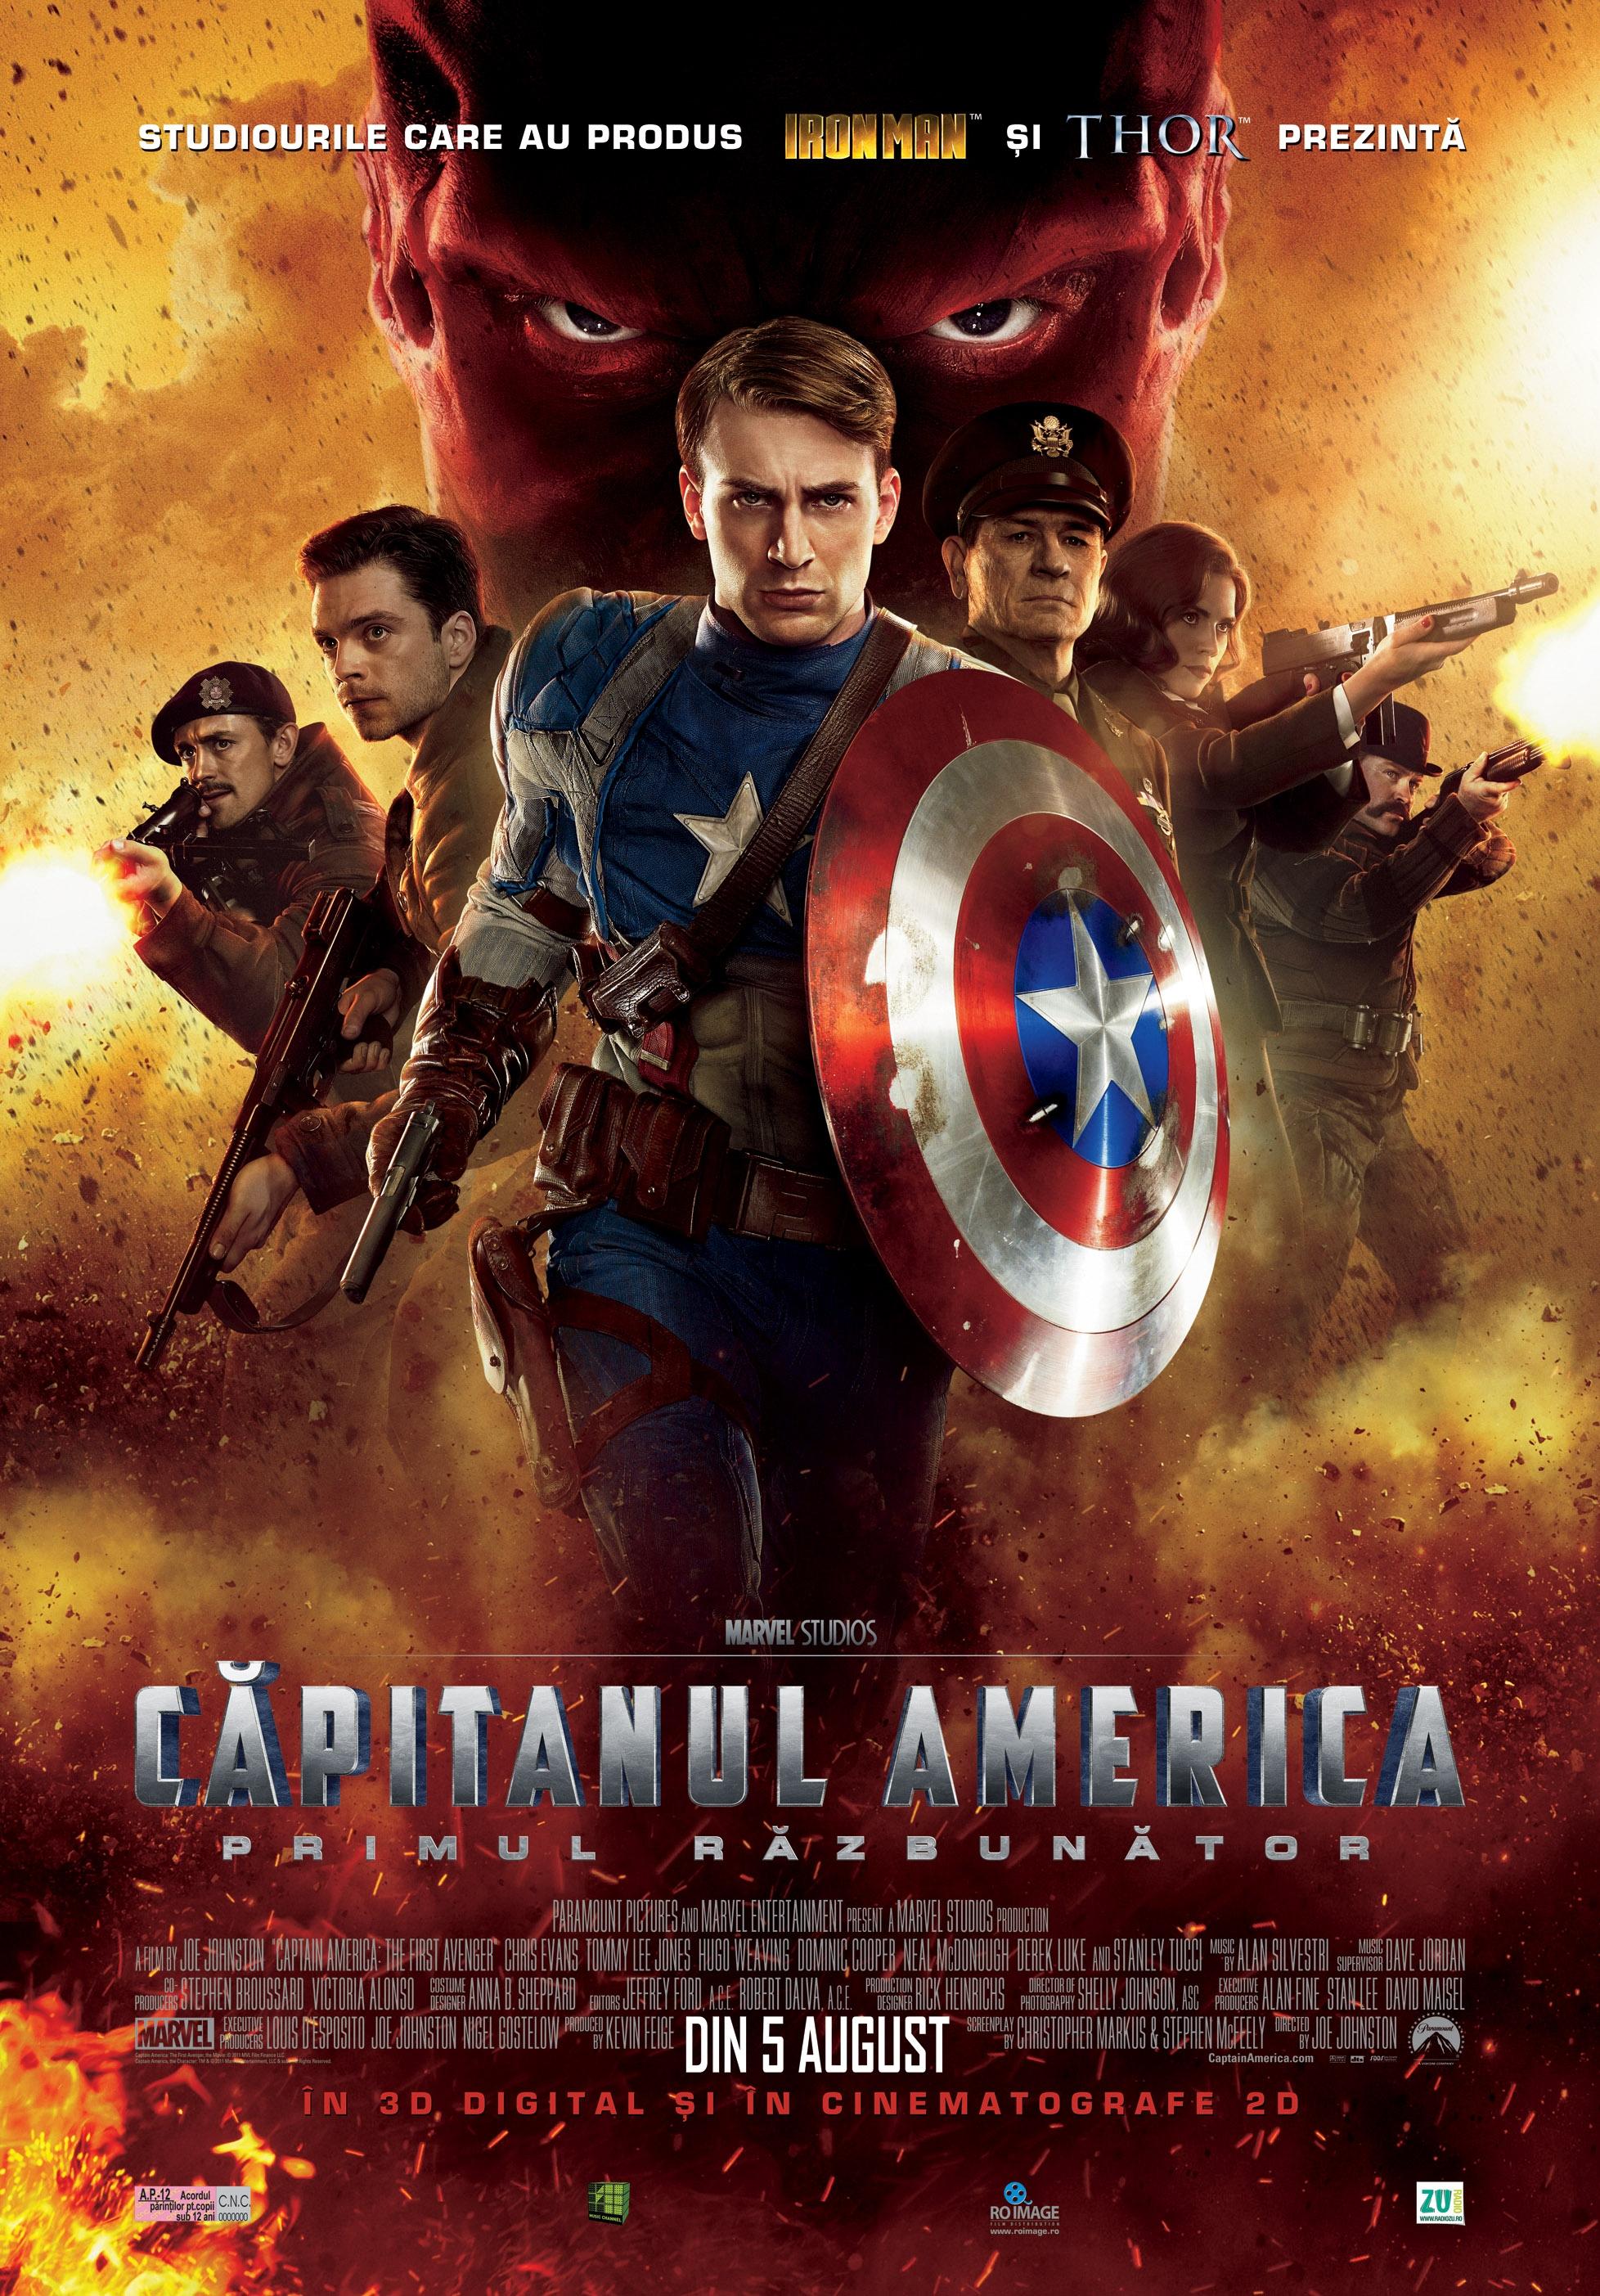 force 2011 blitz 2011 captain america the first avenger 2011